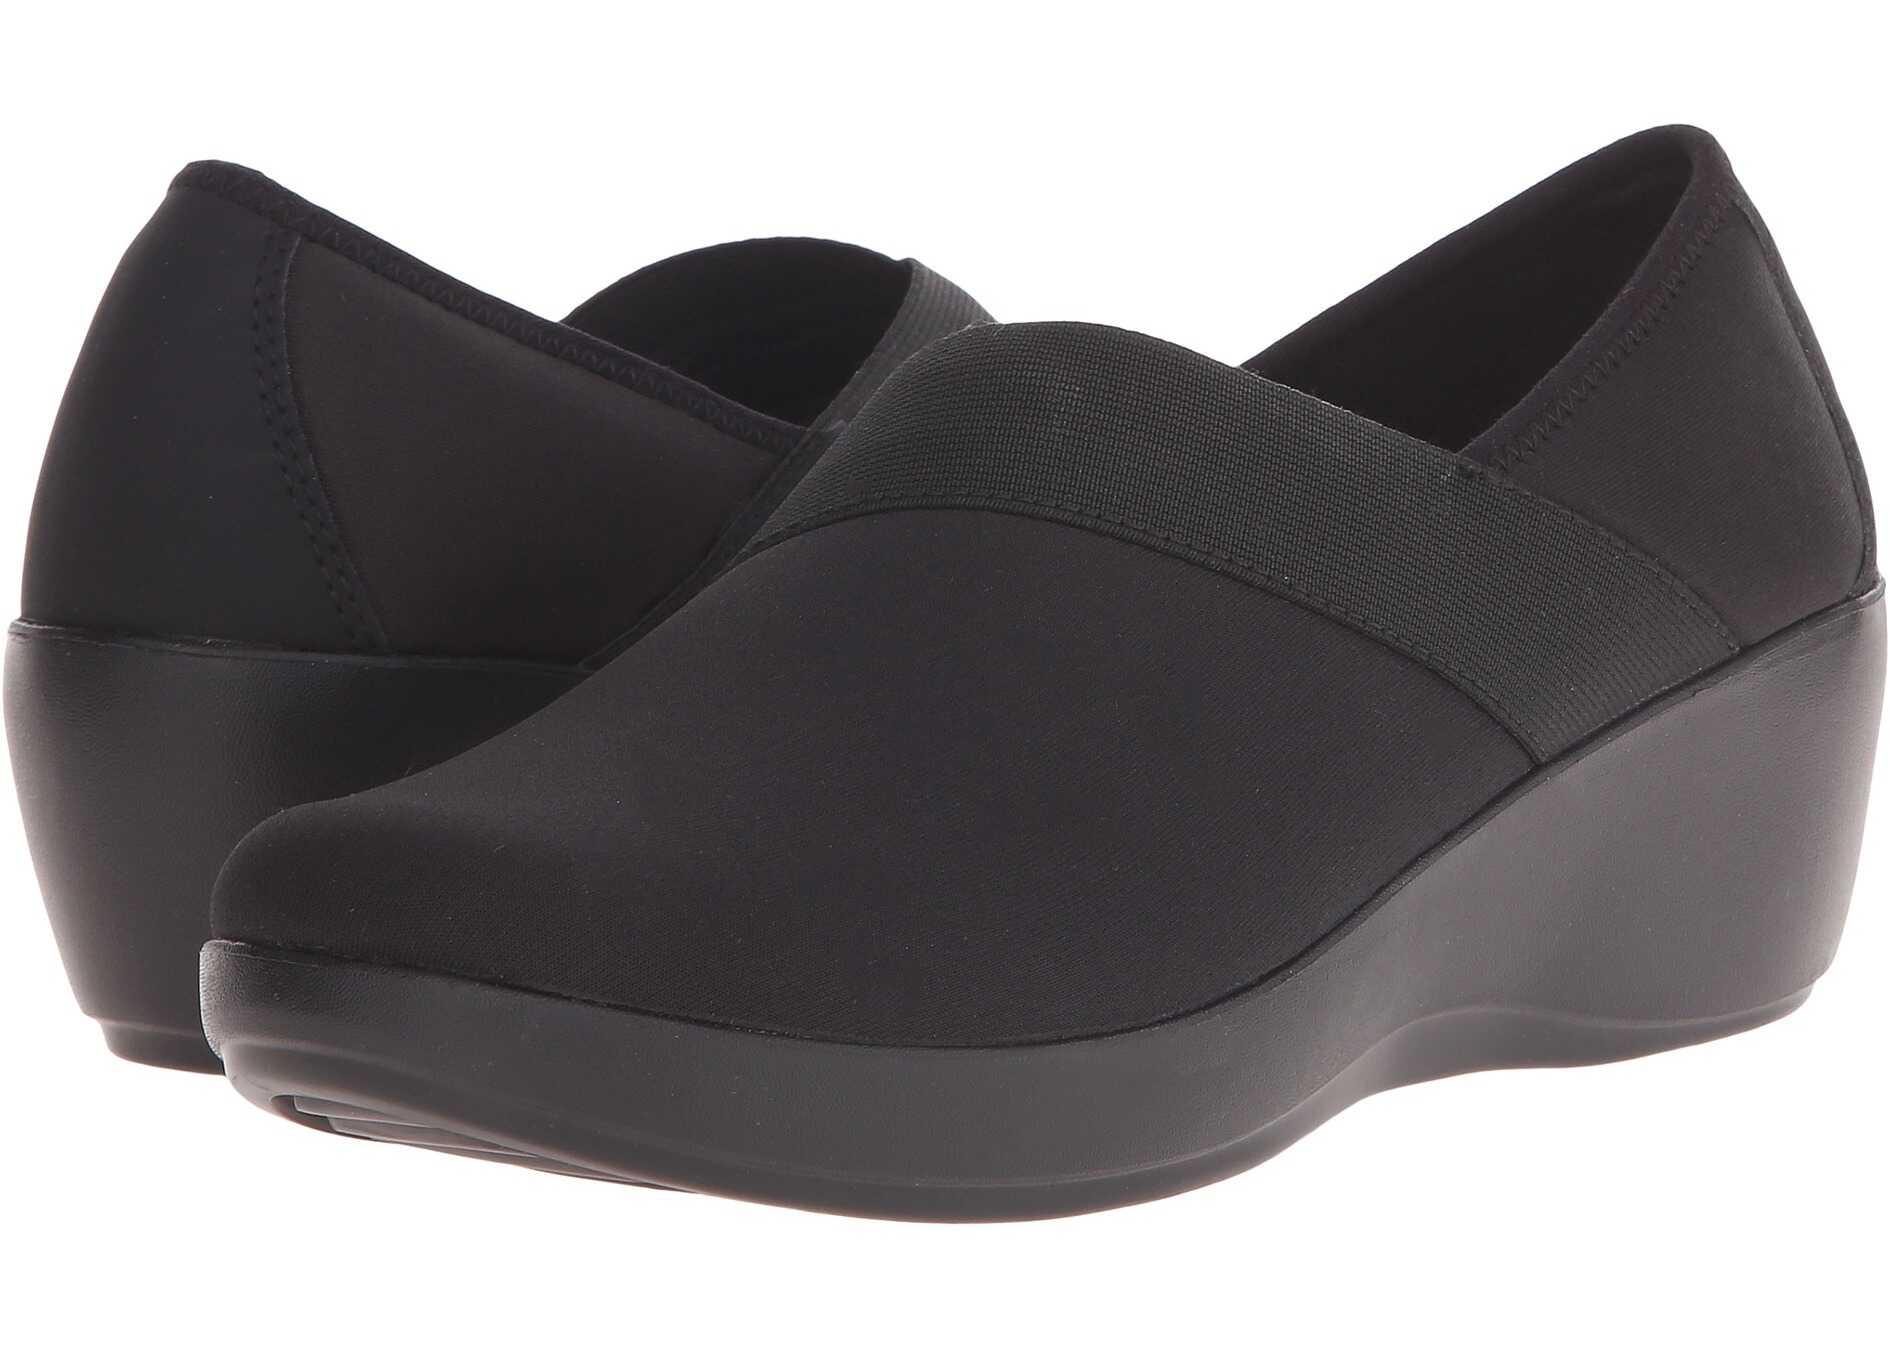 Crocs Busy Day Stretch Asymmetrical Wedge Black/Black